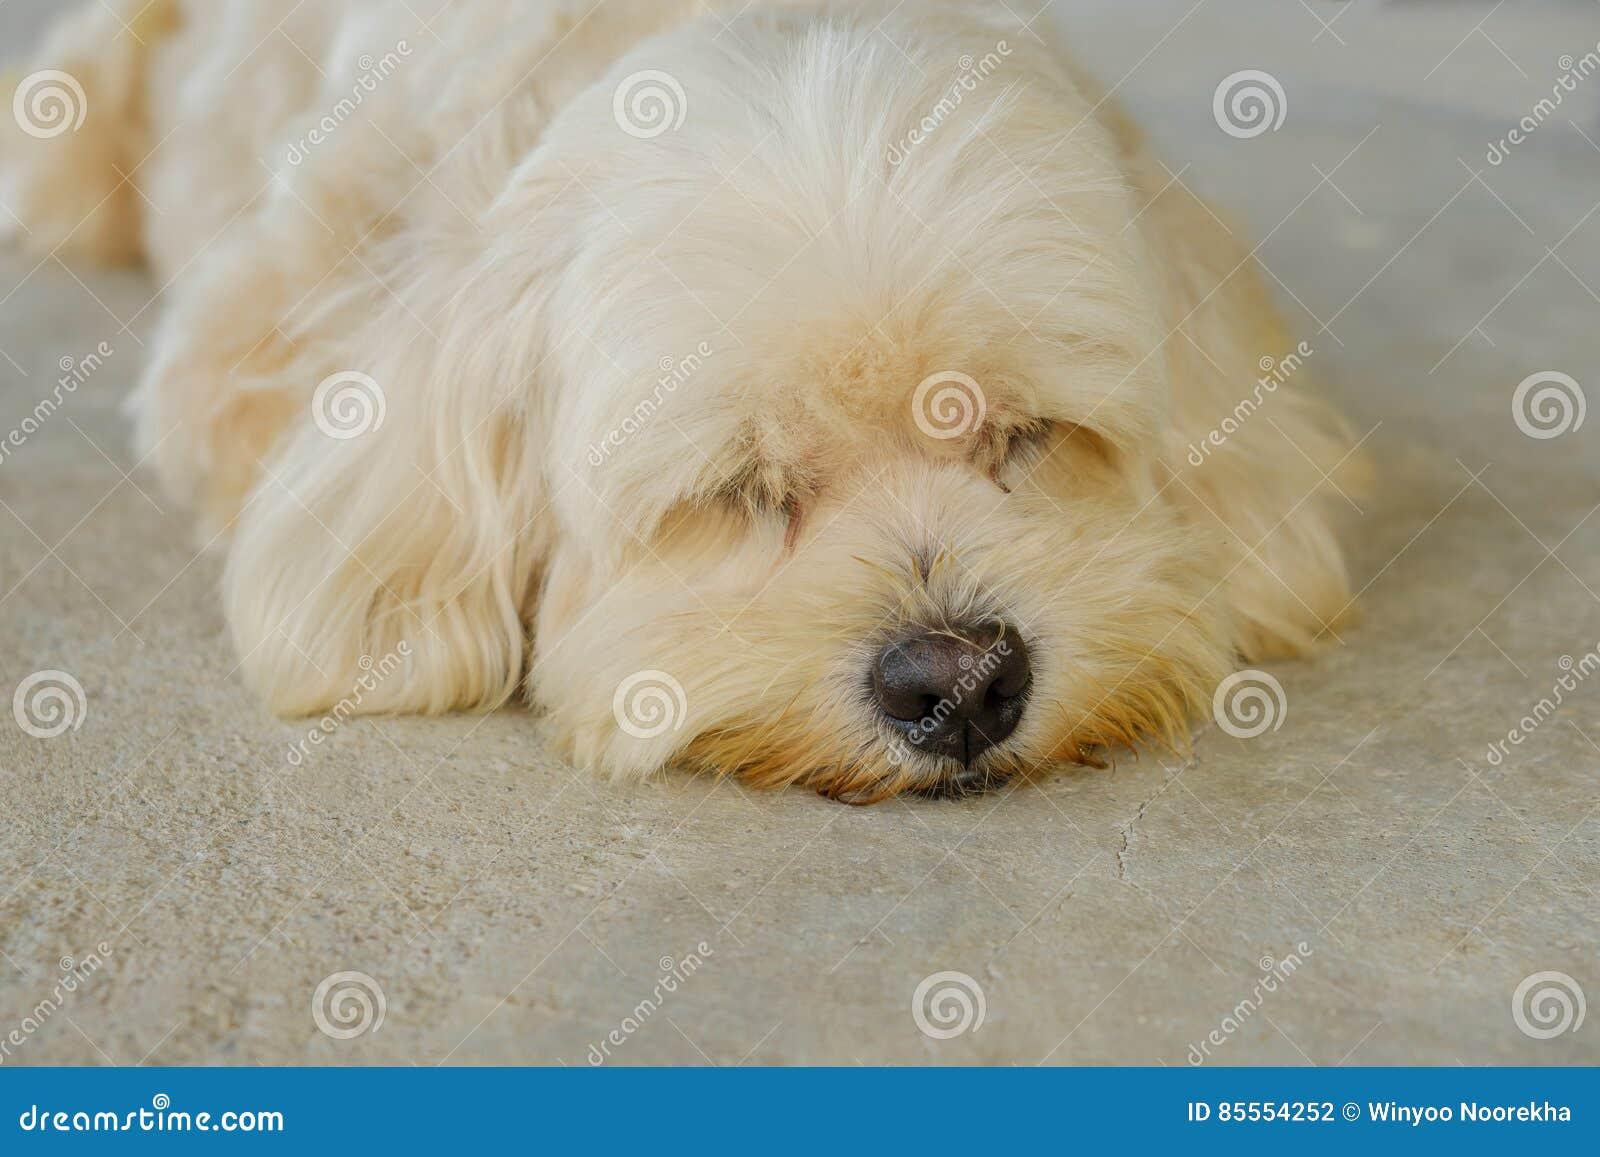 Hund, der jetzt schläft